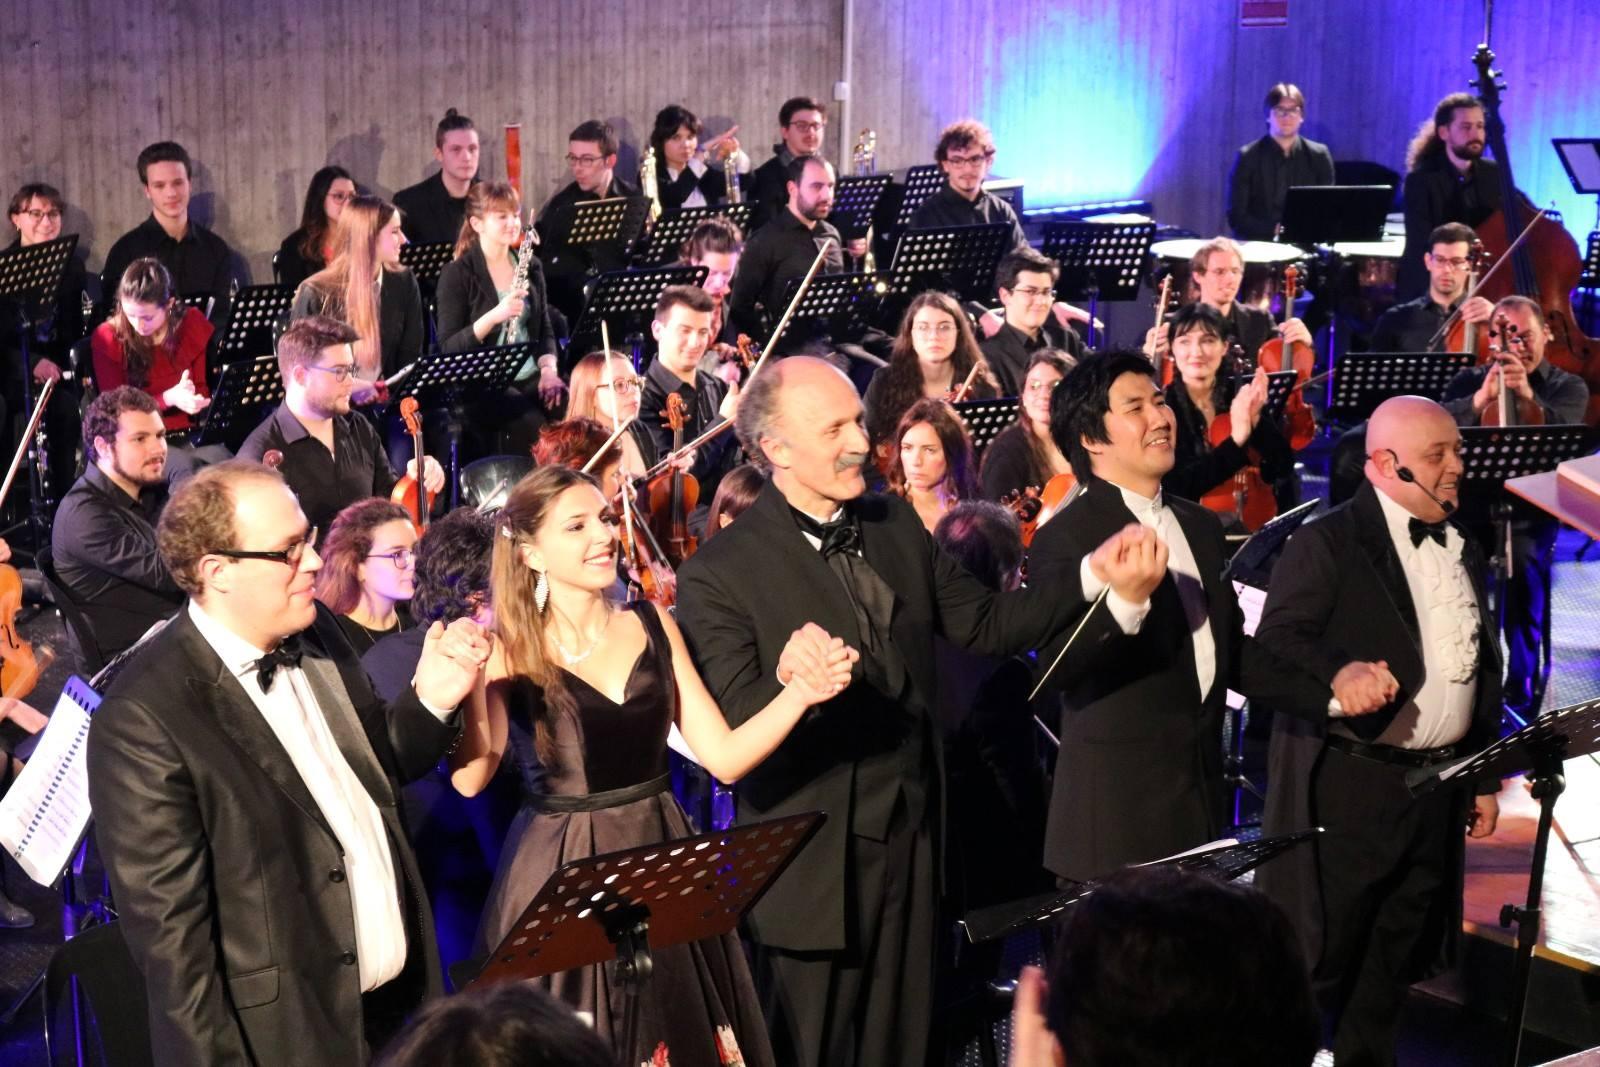 Ezio Passerini, Eleonora Boaretto, il M° Roberto Frattini, Song Hyunjung e Pietro Ghislandi foto di Riccardo Benlodi